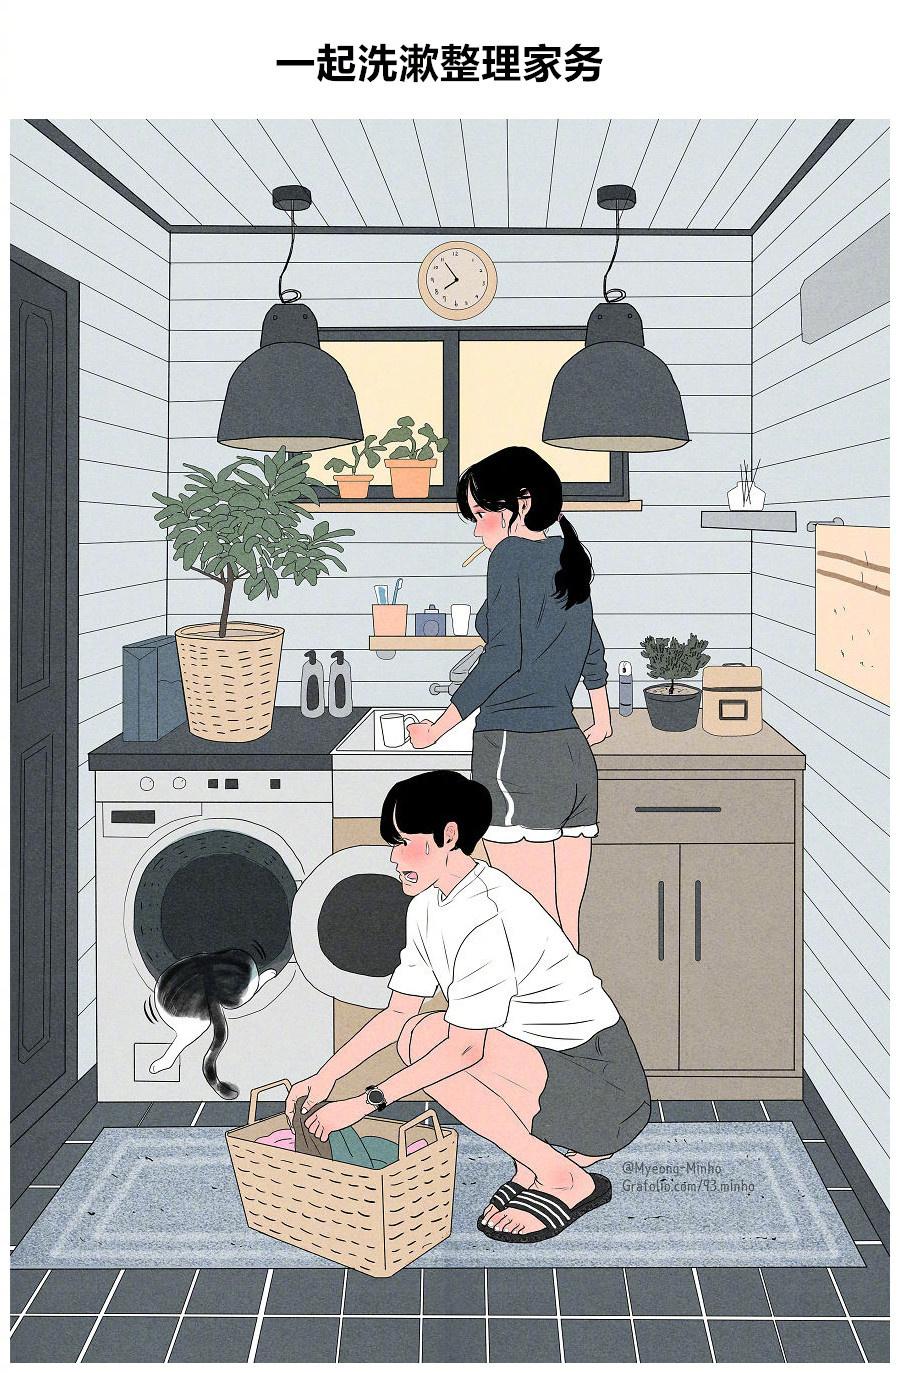 漫青春Myeong-Minho时间下一对情侣甜甜的恋机关枪画笔v青春画师漫画图片